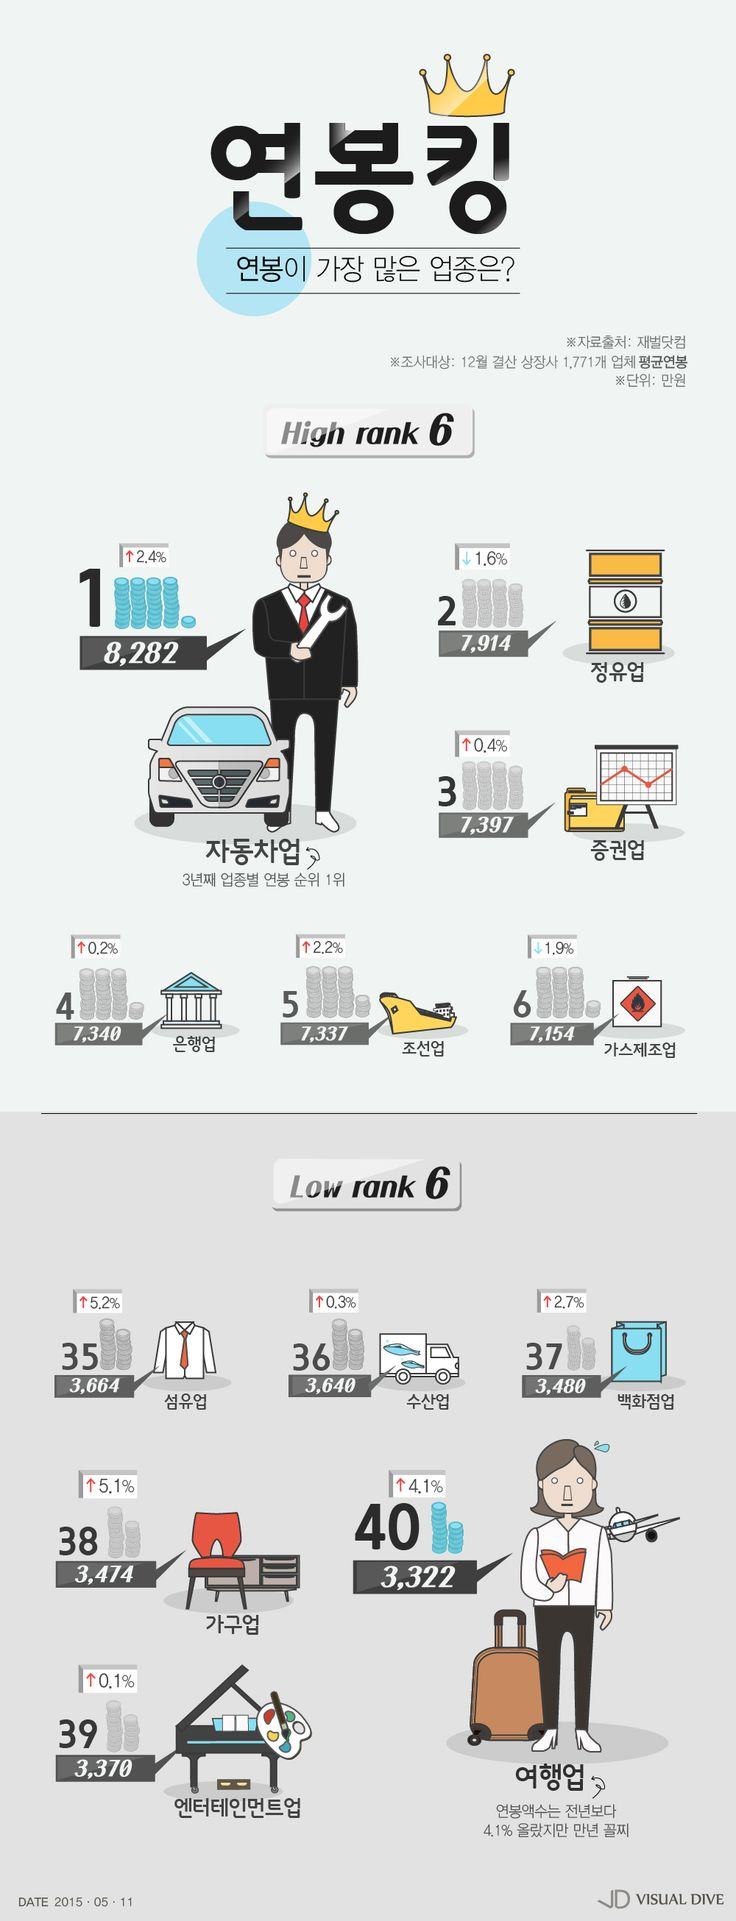 지난해 '연봉킹' 업종은 자동차…'꼴찌'는 여행업 [인포그래픽] #salary / #Infographic ⓒ 비주얼다이브 무단 복사·전재·재배포 금지